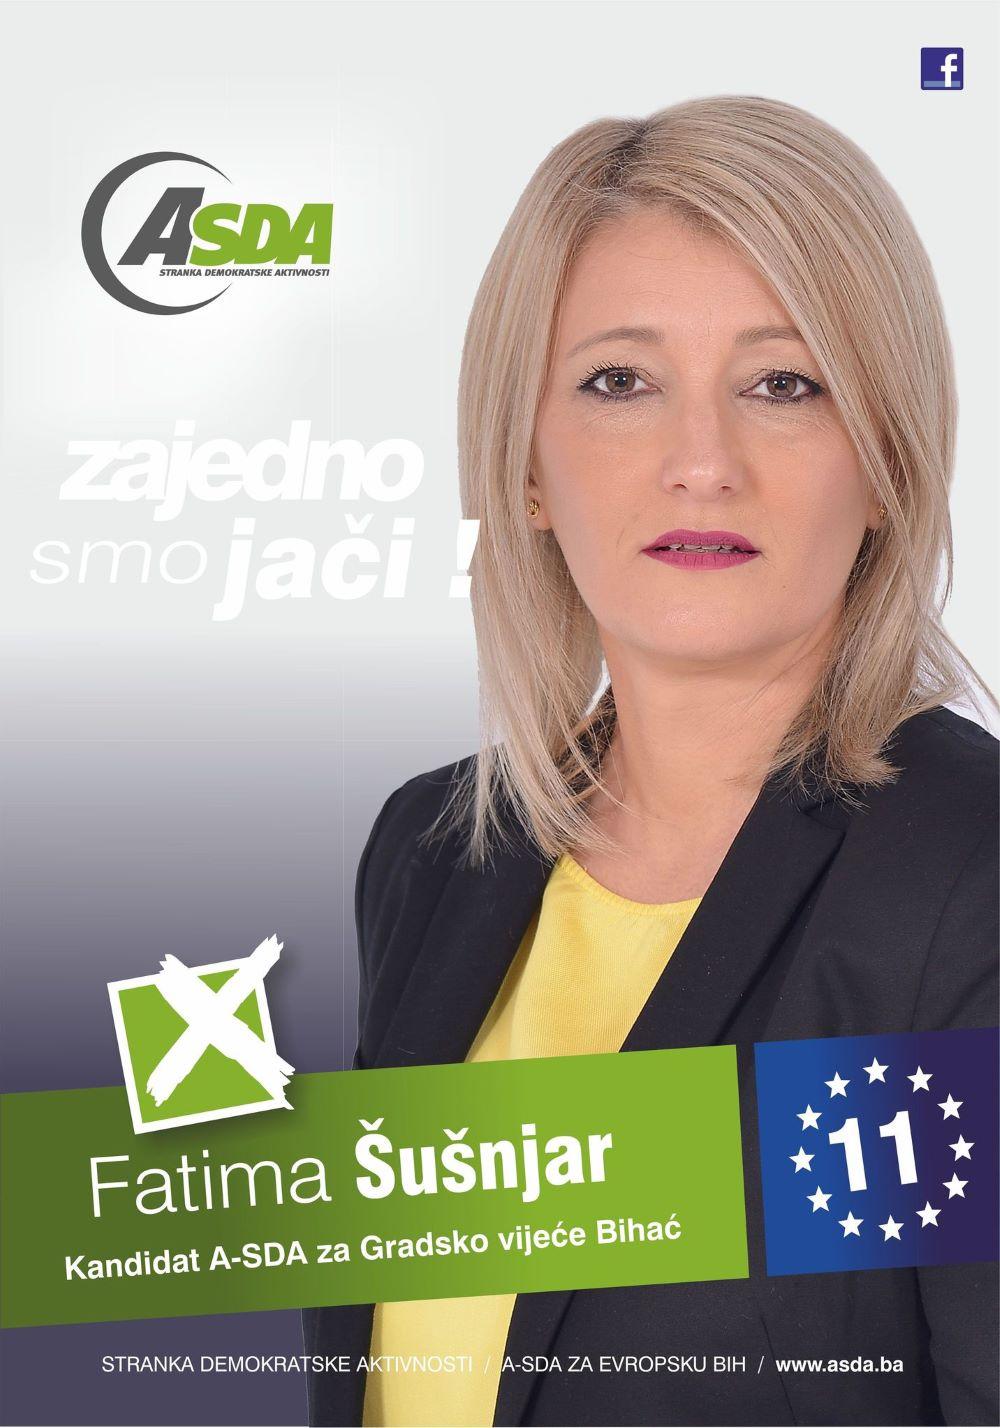 Fatima Šušnjar